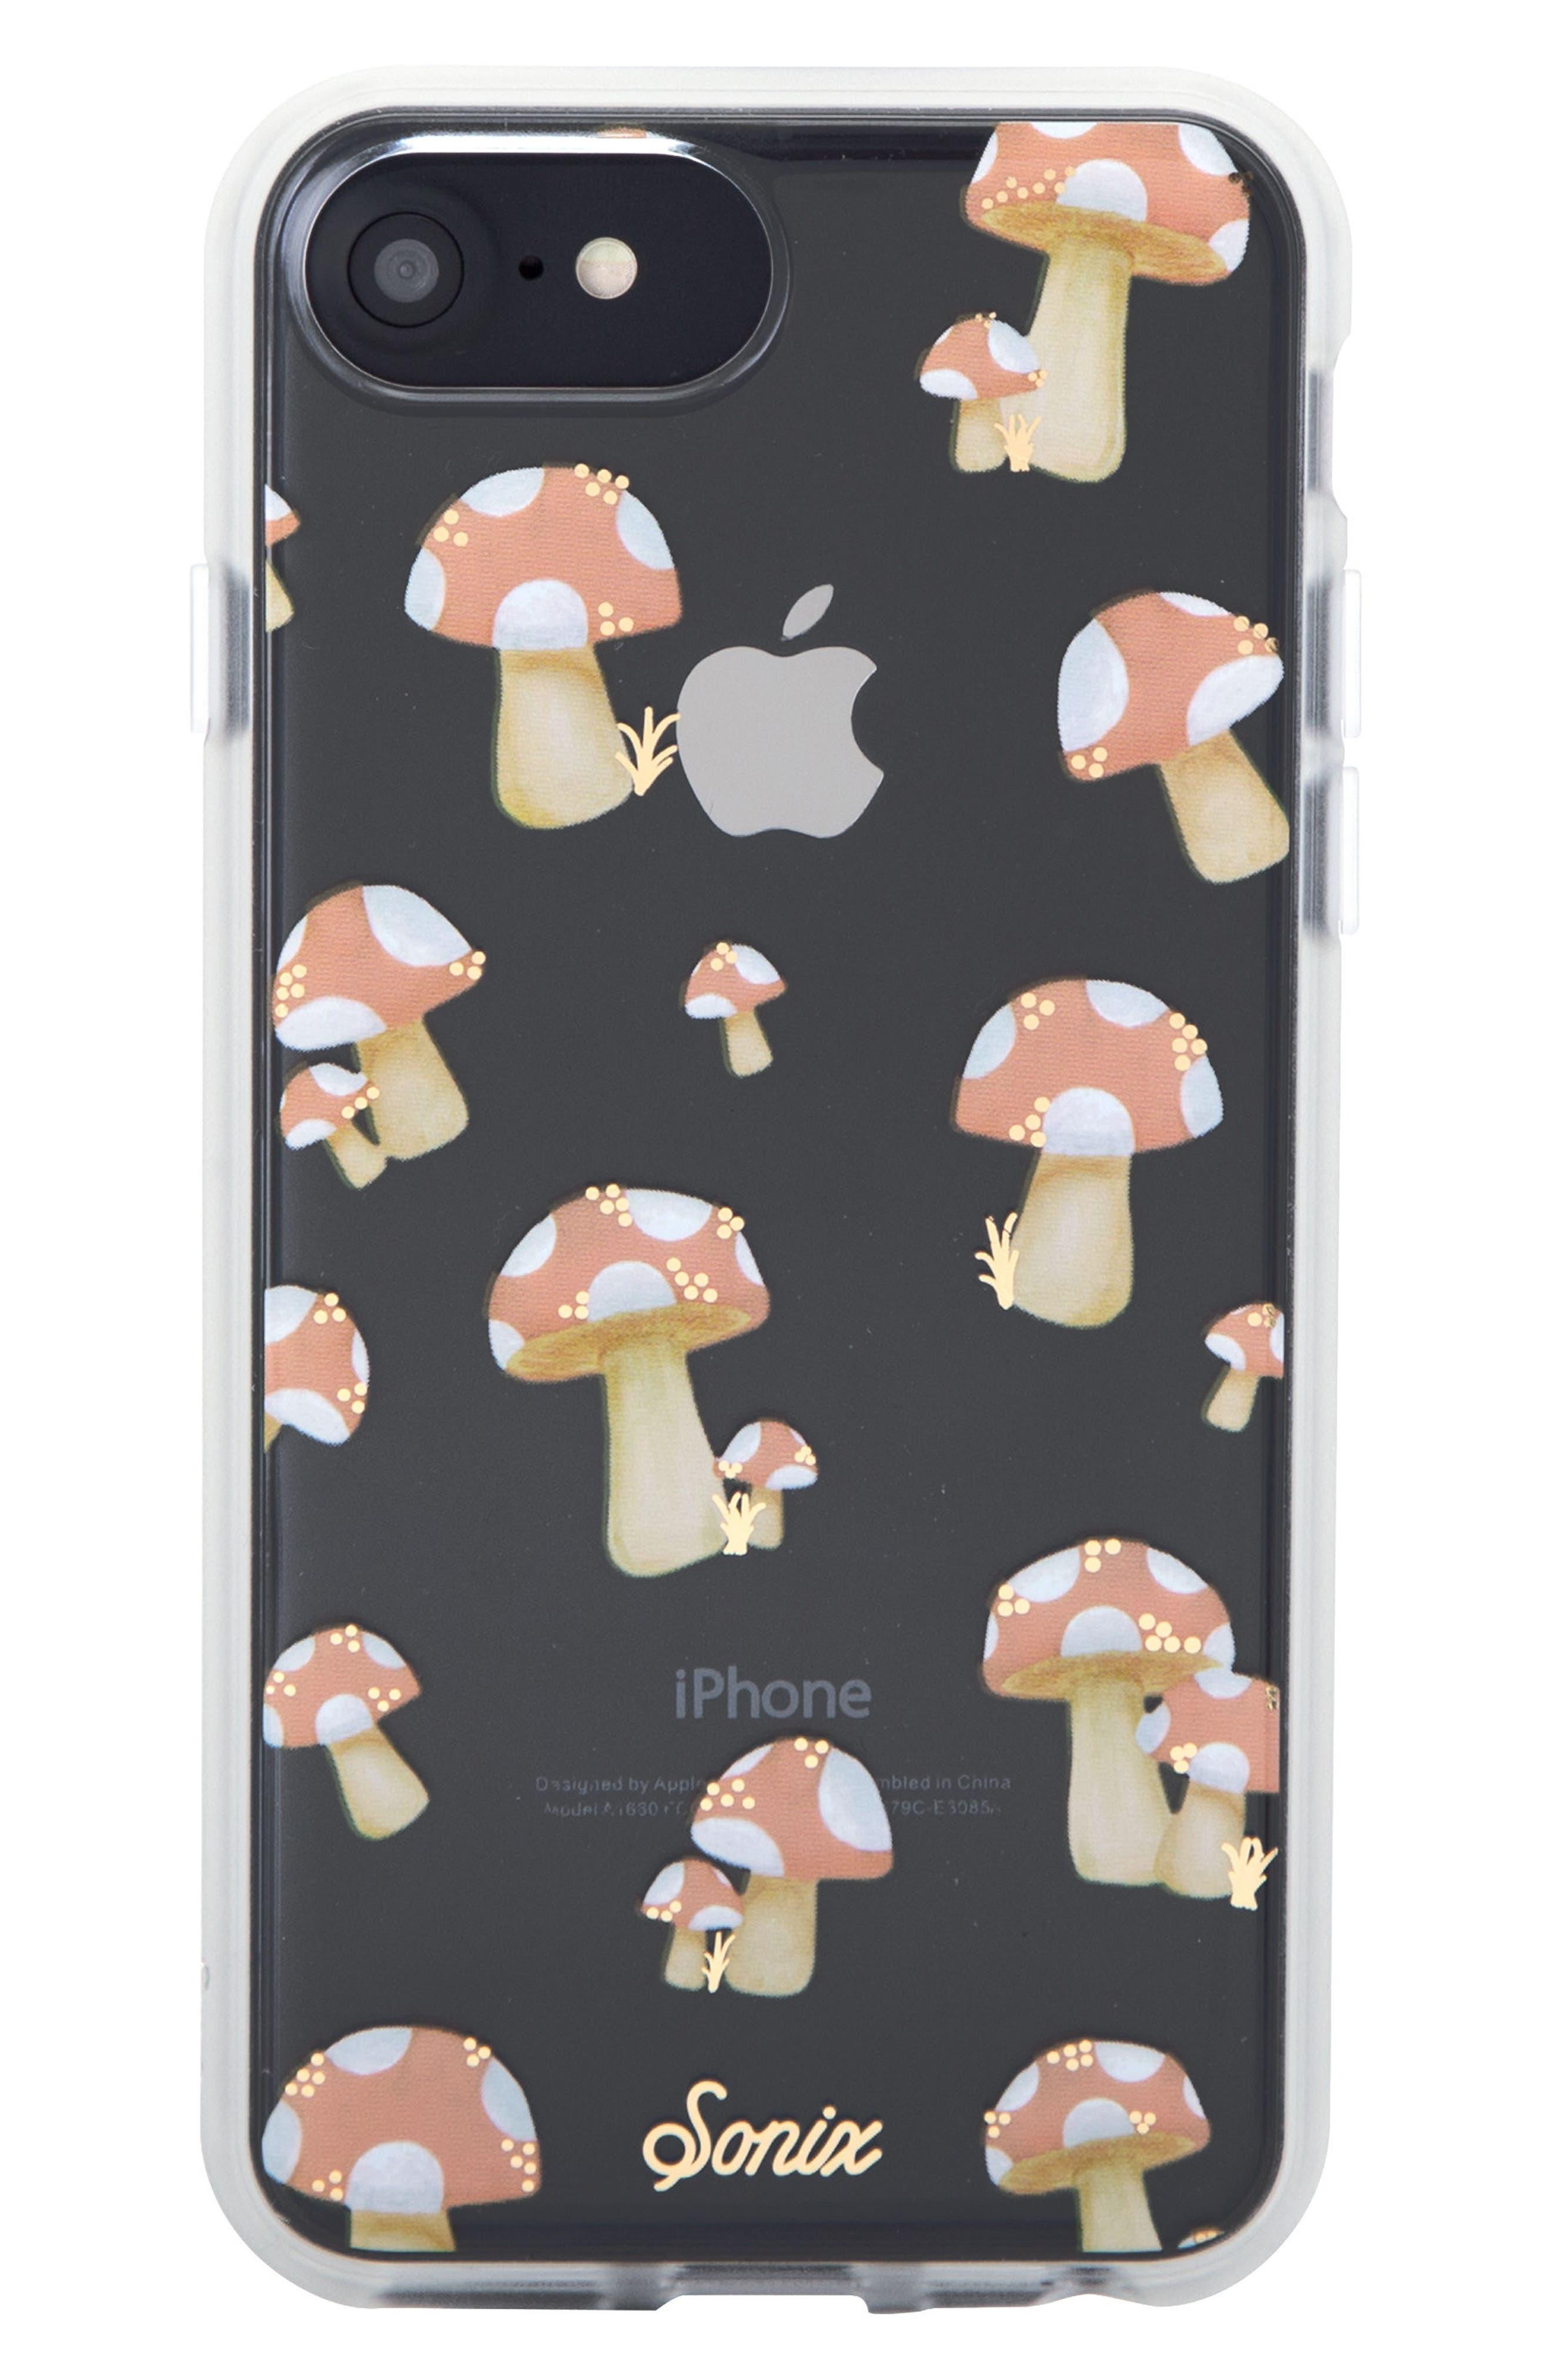 Mushroom iPhone 6/6s/7/8 & 6/6s/7/8 Plus Case,                         Main,                         color, Peach/ Tan